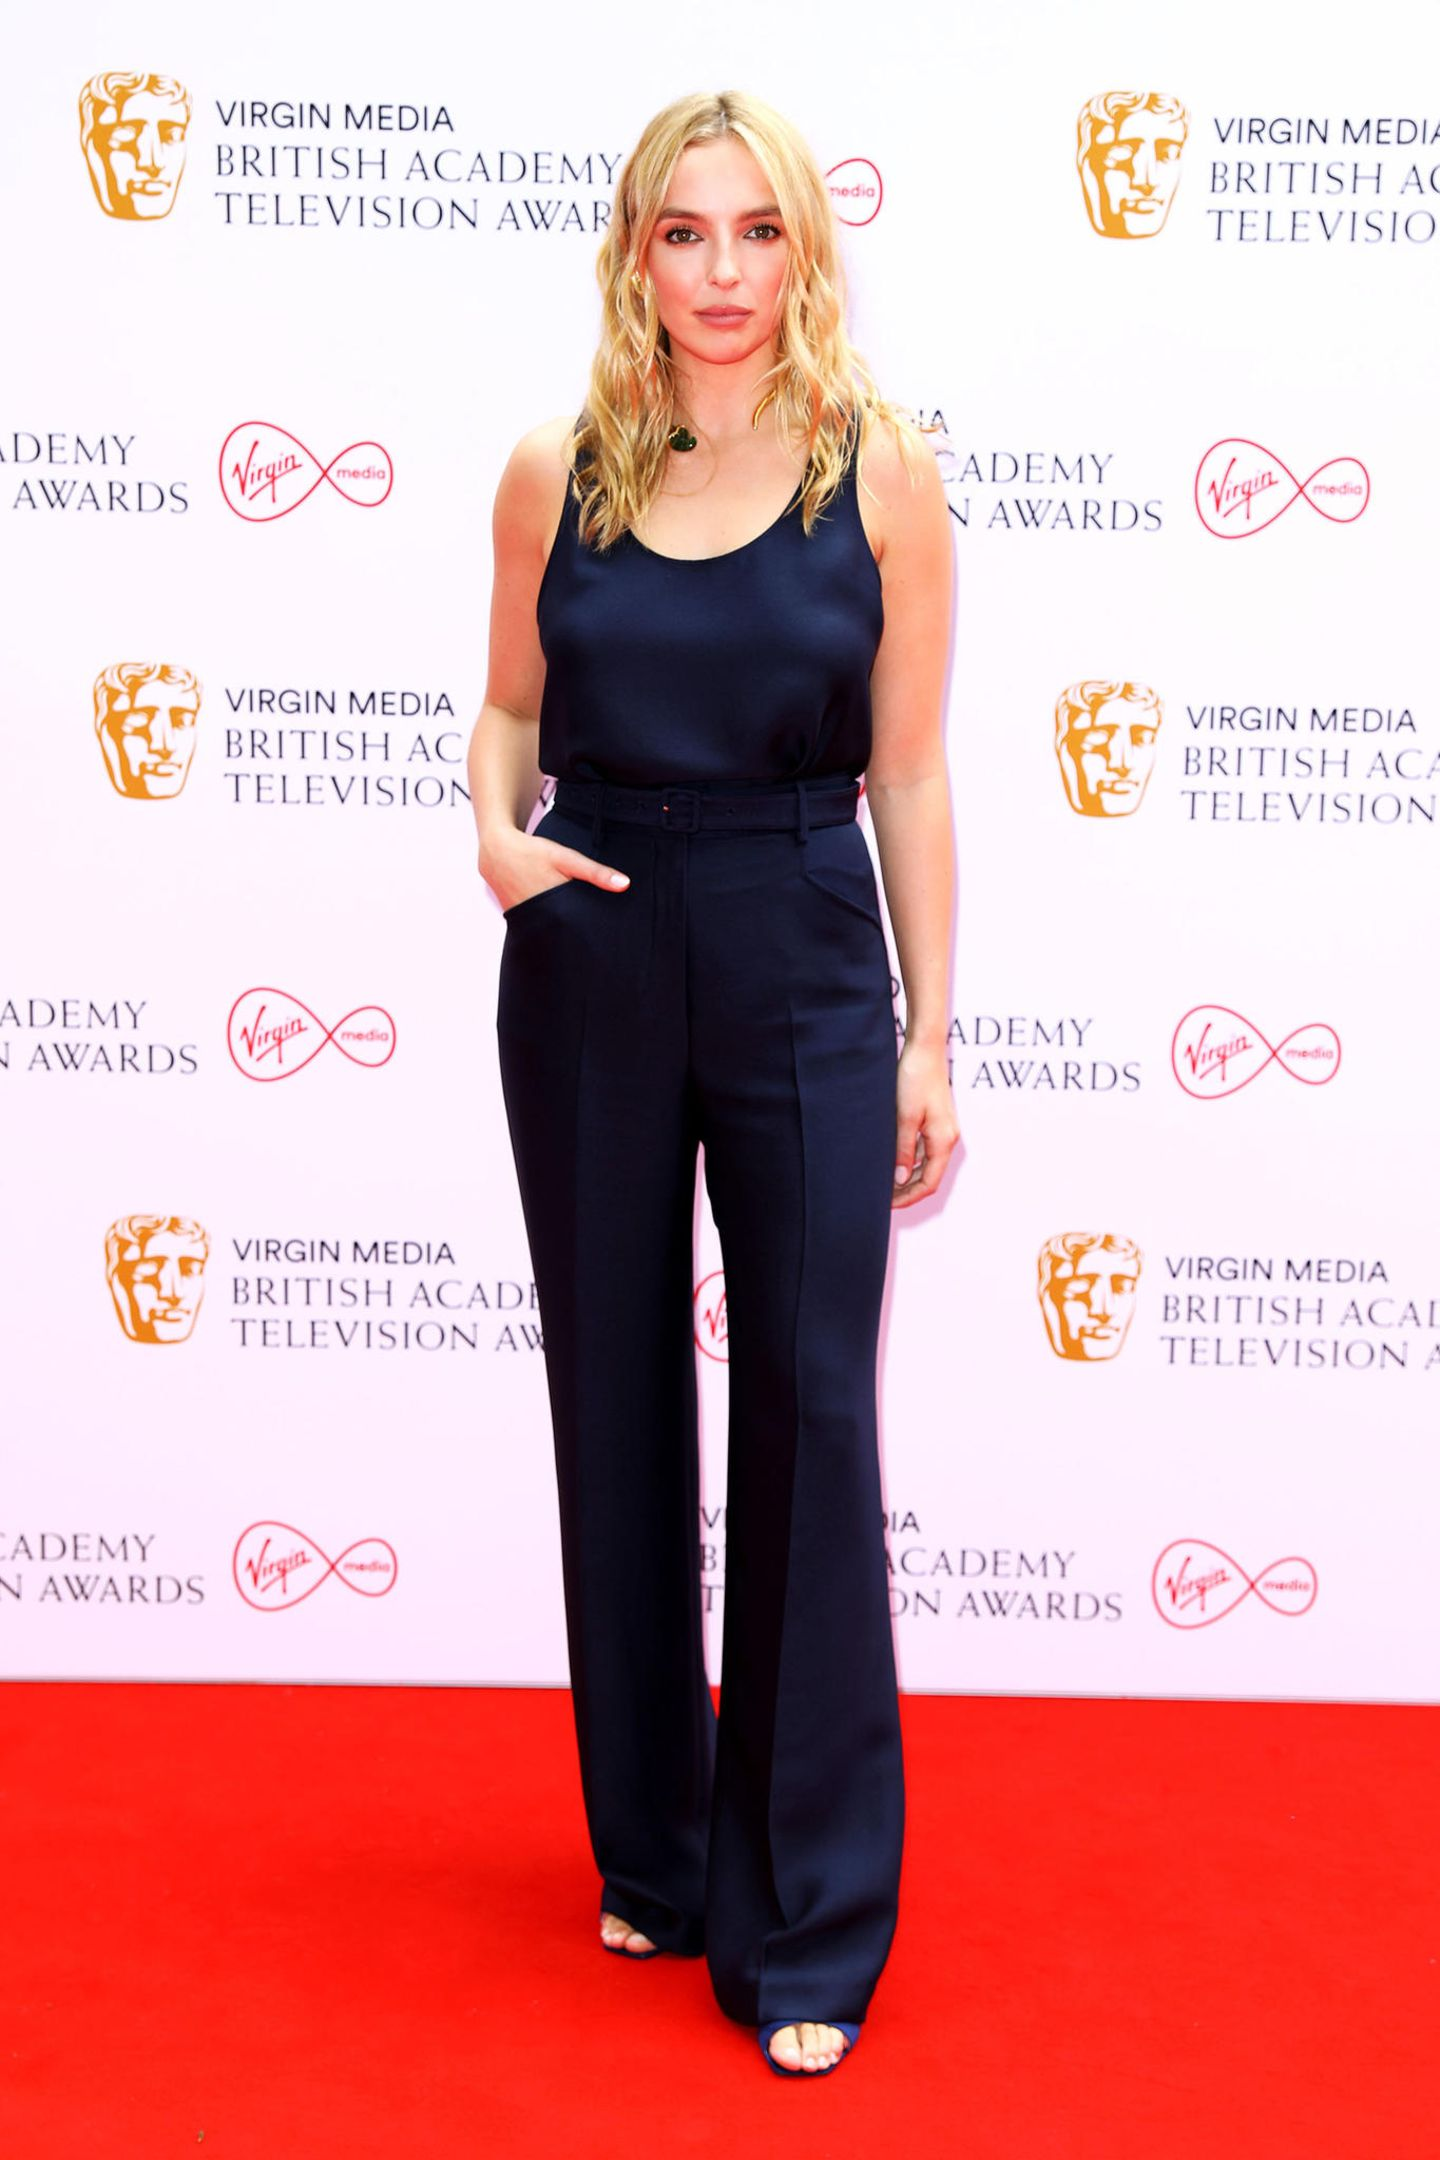 """Lässig in Dunkelblau: Mit eleganter Anzughose zum passenden Seidentop zeigt sich """"Killing Eve""""-Star Jodie Comer bei der diesjährigen Verleihung der BAFTAs zwar eherunglamourös, aber sommerlich elegant."""